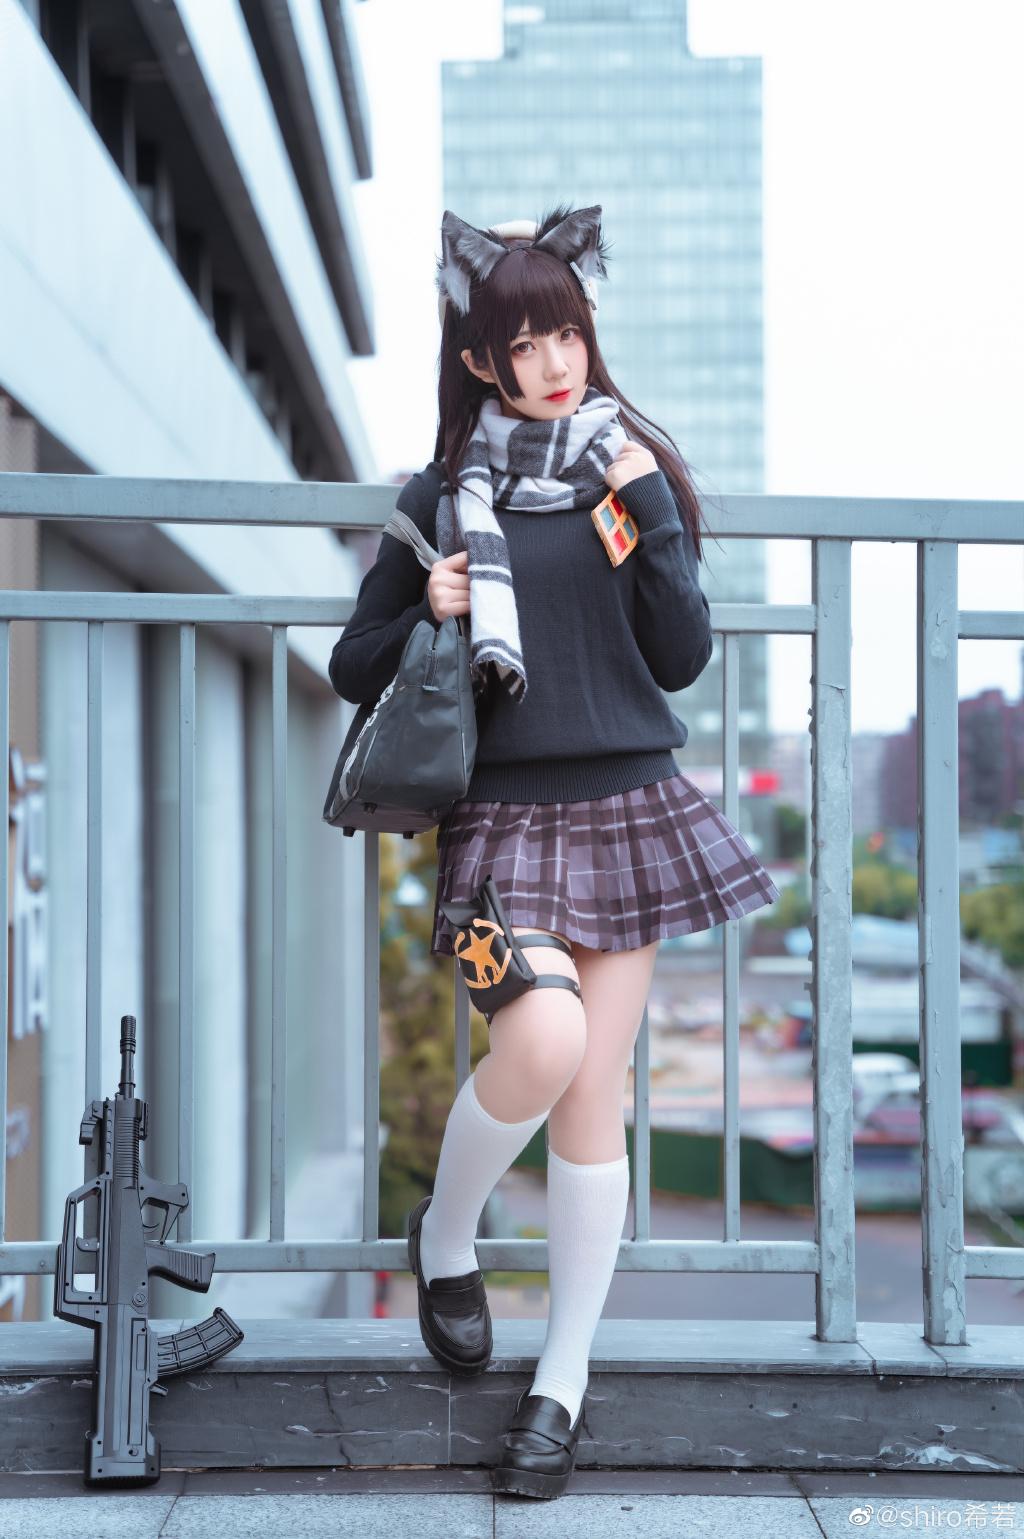 [COS]少女前线cos 少女前线  @shiro希若 COSPLAY-第3张